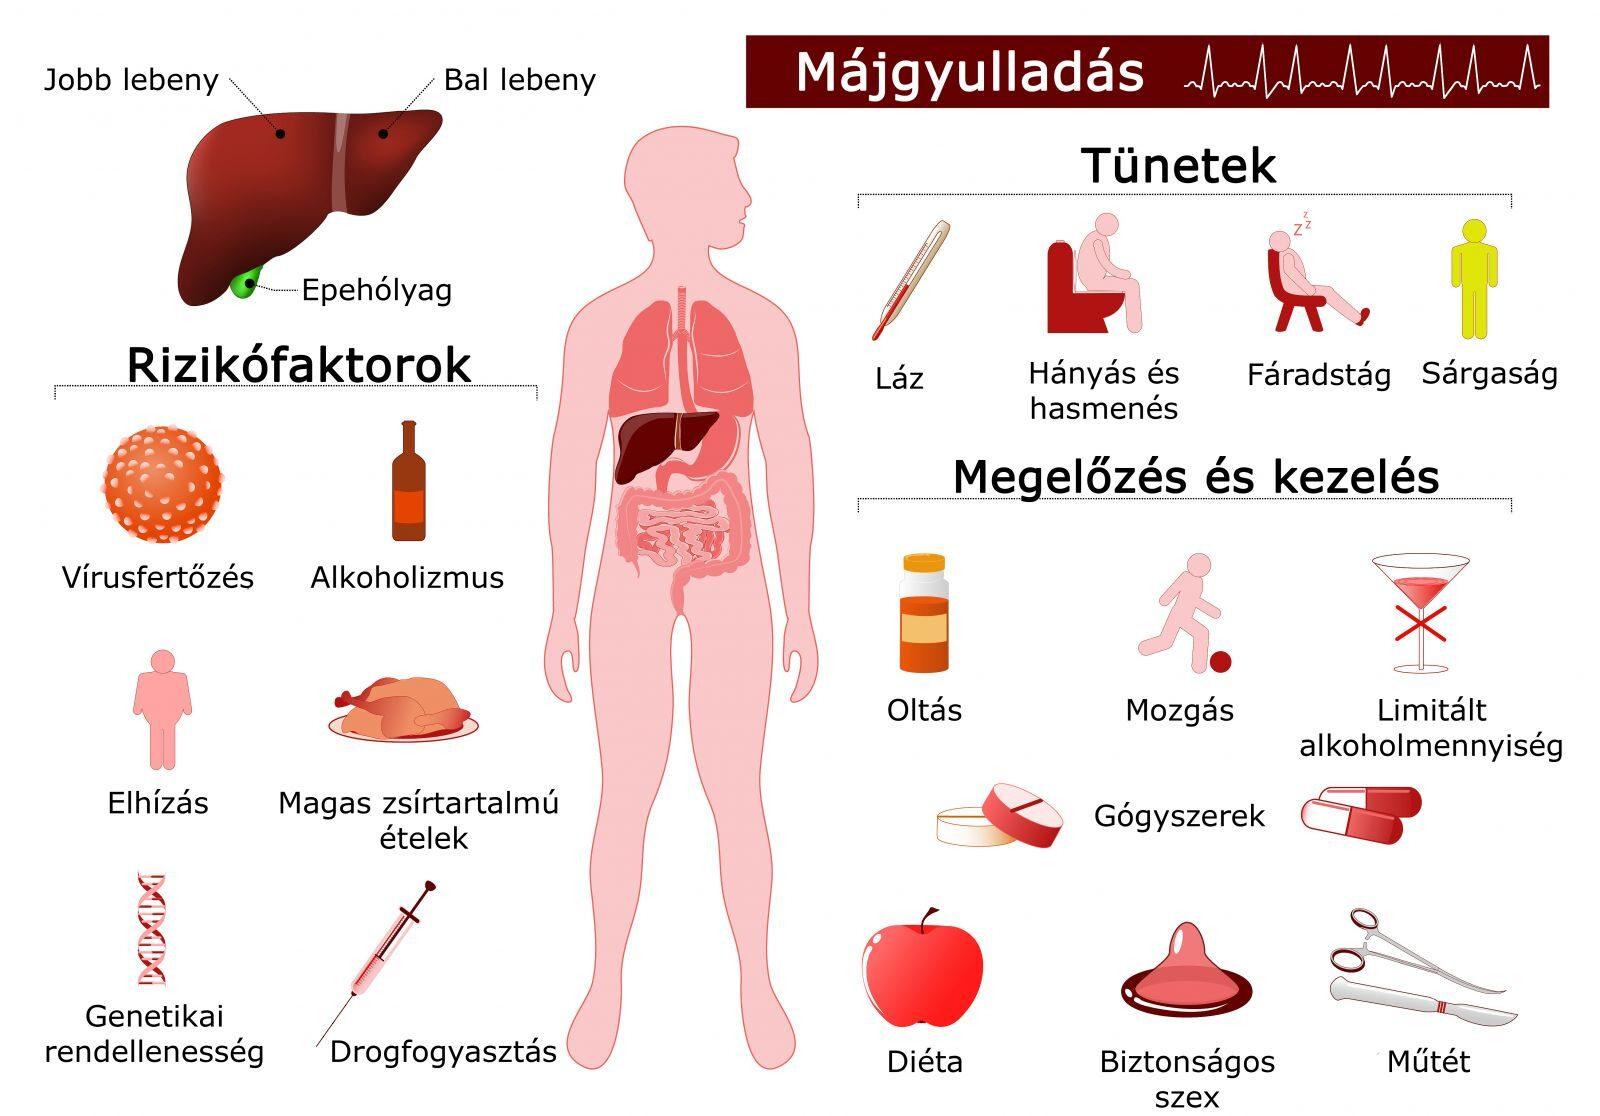 hepatitis és ízületi fájdalmak)